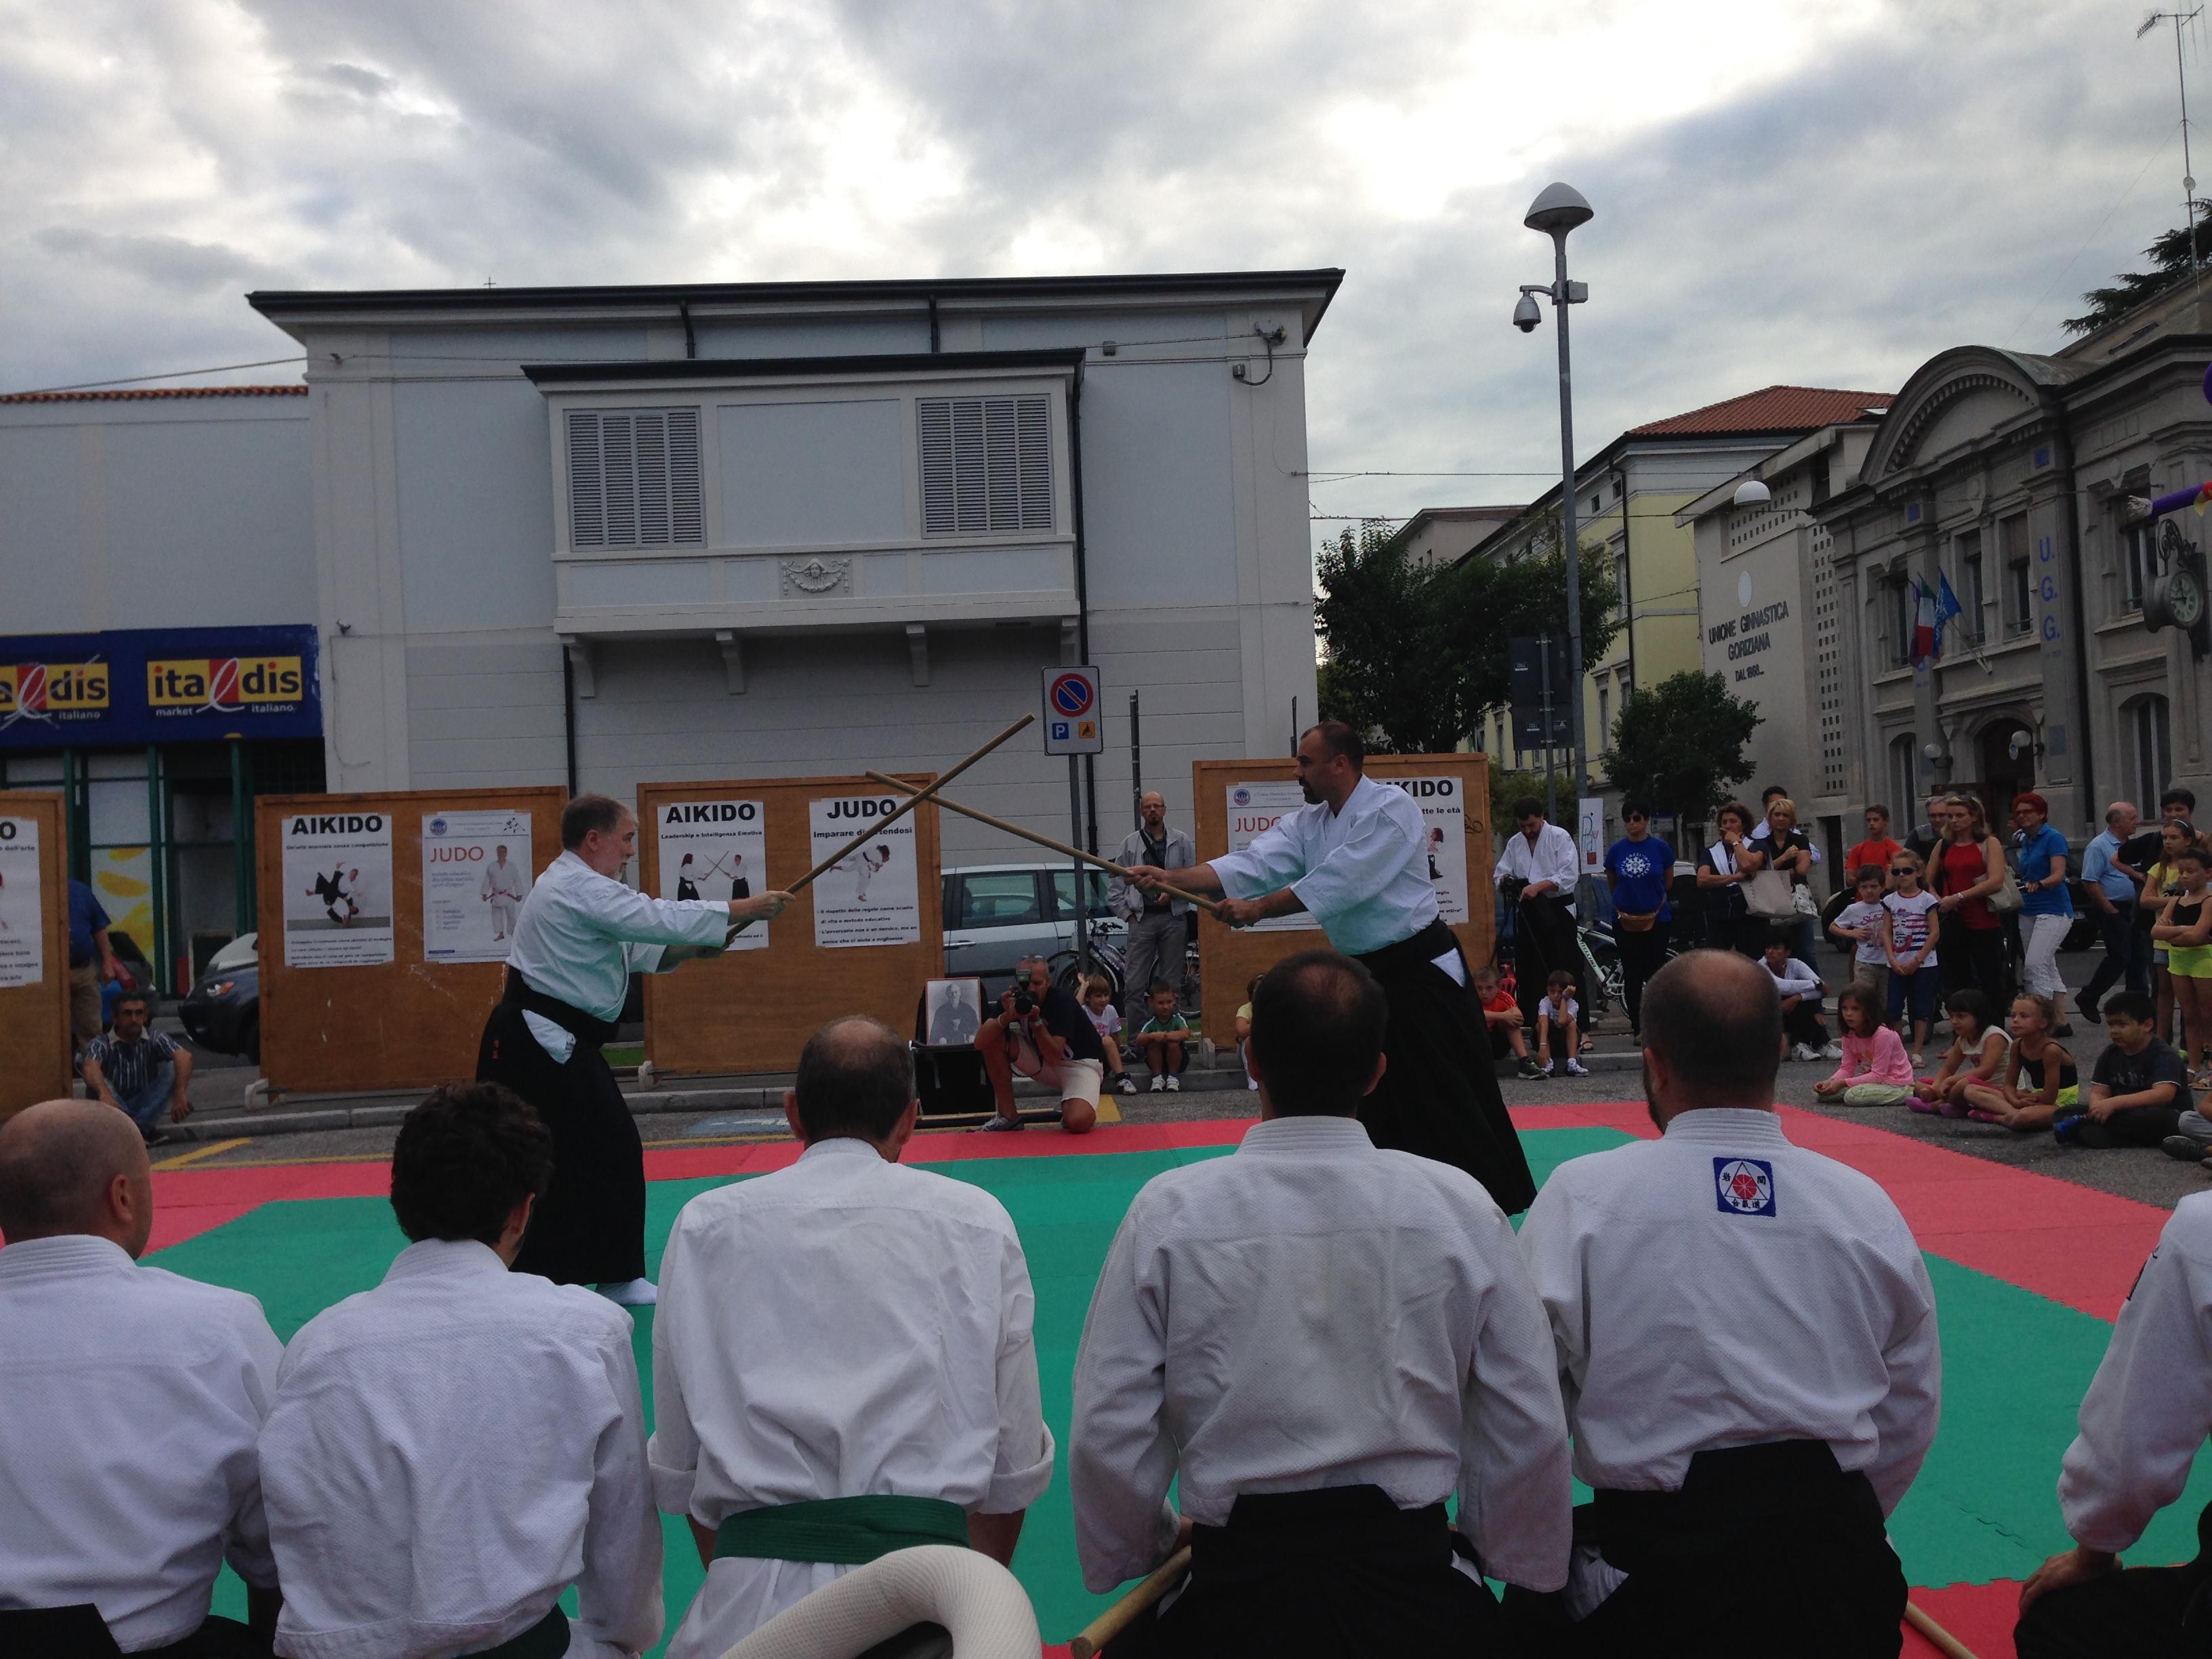 ugg judo gorizia